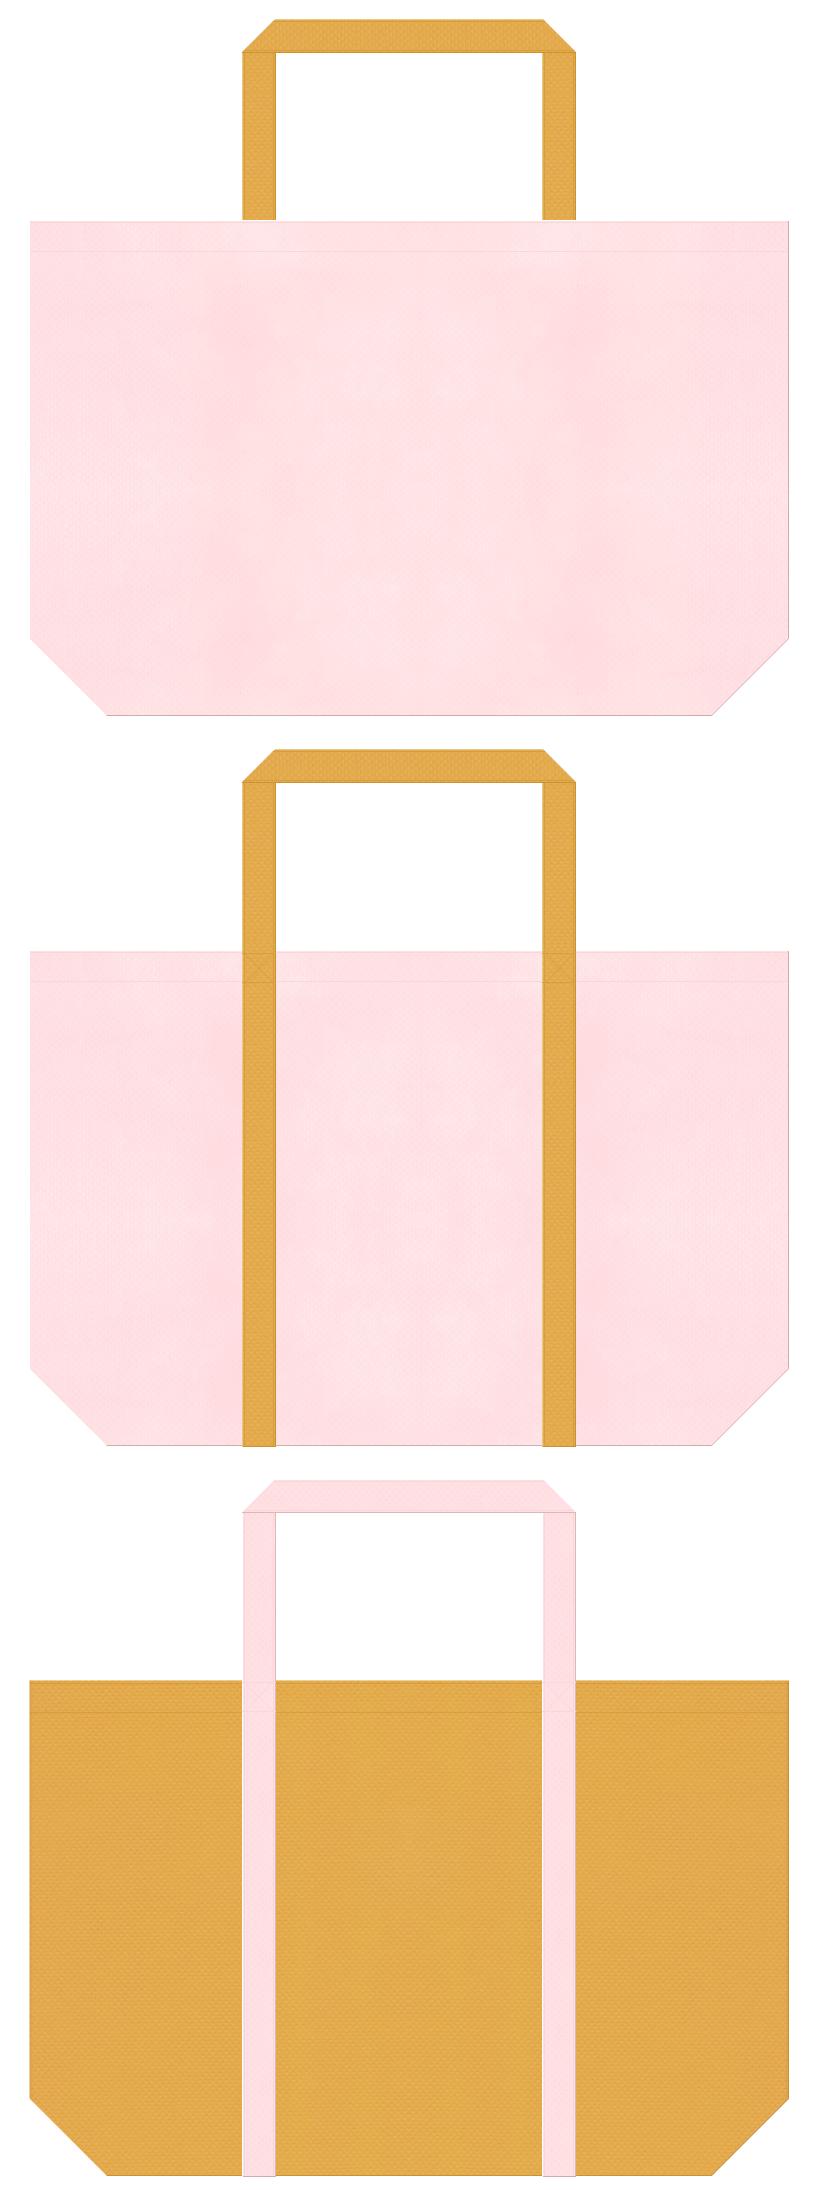 桜色と黄土色の不織布バッグデザイン。ガーリーファッションのショッピングバッグにお奨めです。